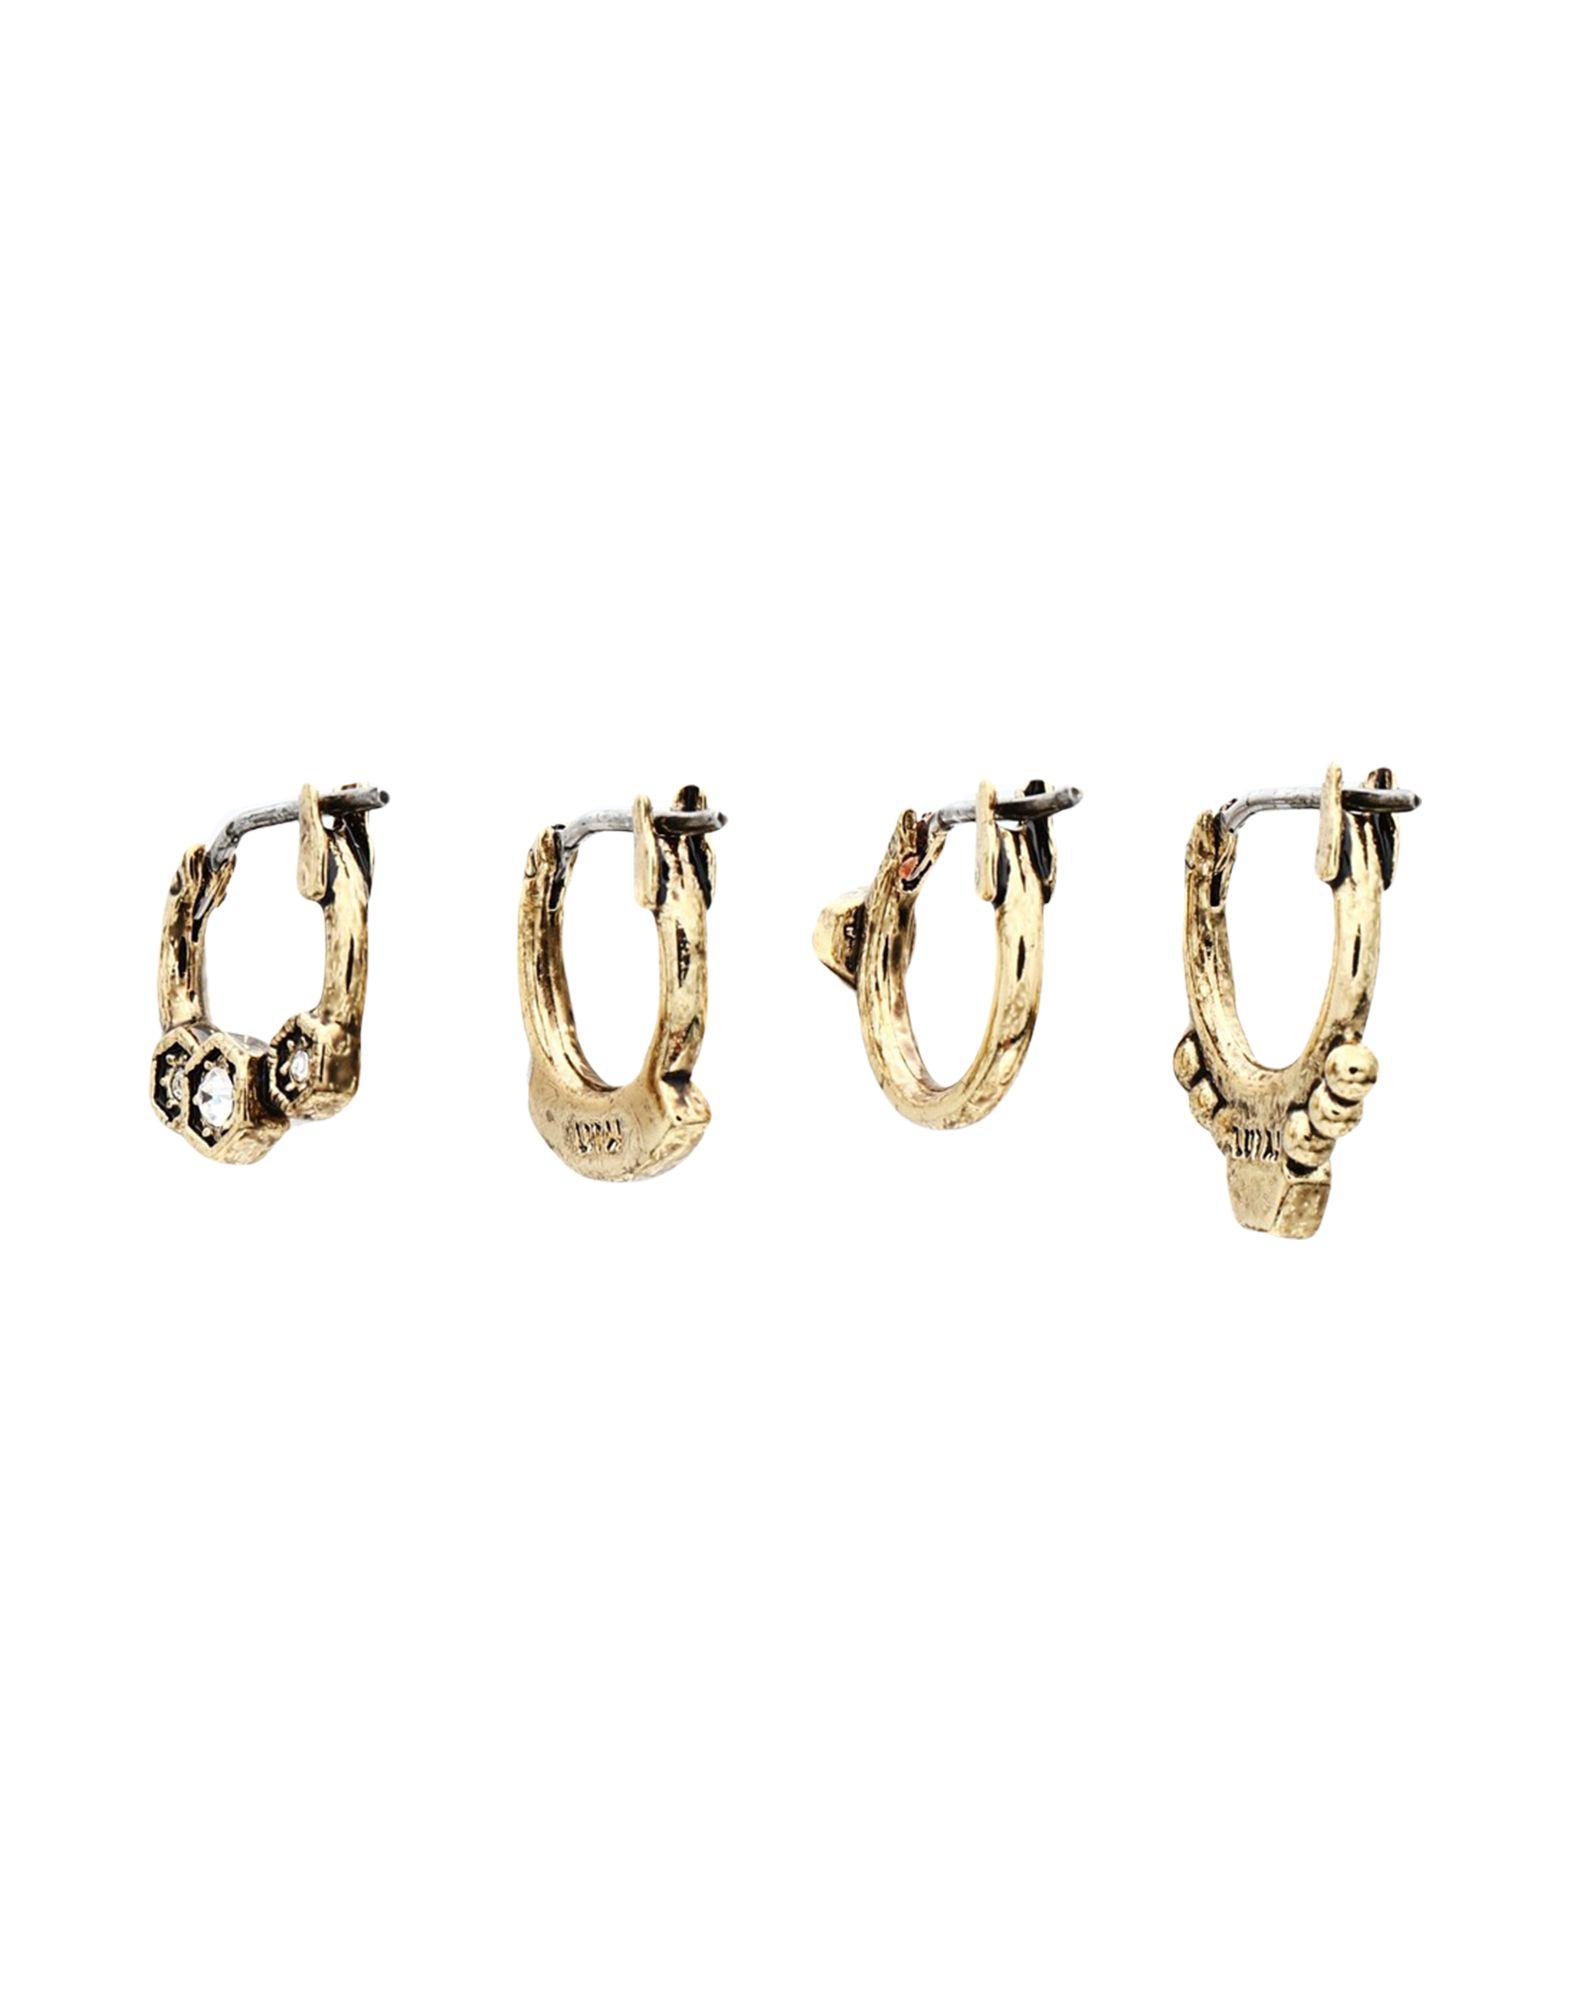 《セール開催中》LUV AJ レディース イヤリング ゴールド 真鍮/ブラス / スワロフスキー FULL BLOOM HOOP SET